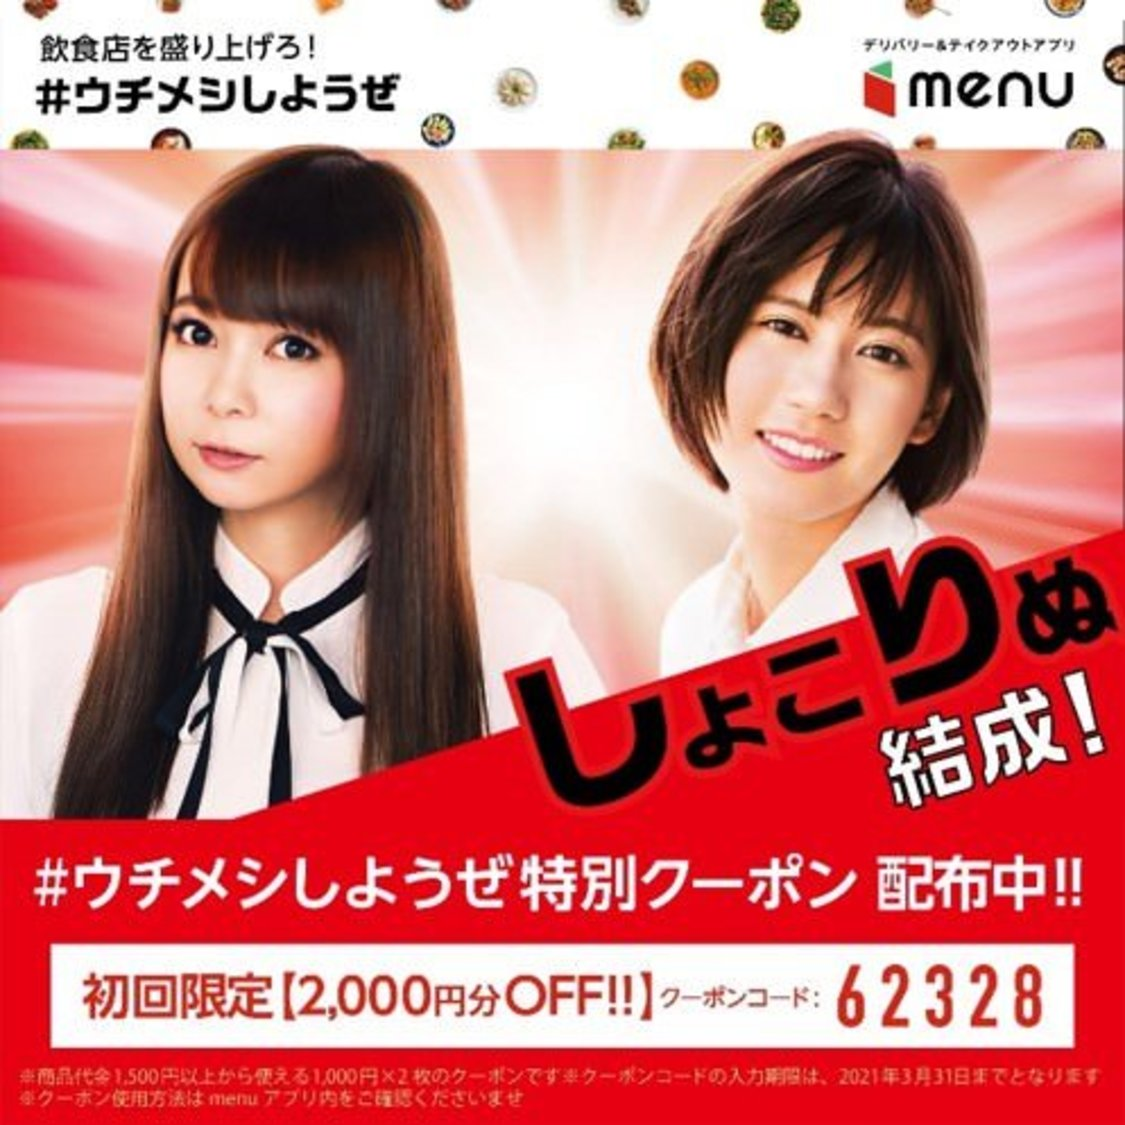 中川翔子&ゆきりぬ、スペシャルコラボユニットで飲食店を応援! 「#ウチメシしようぜ」 参加決定